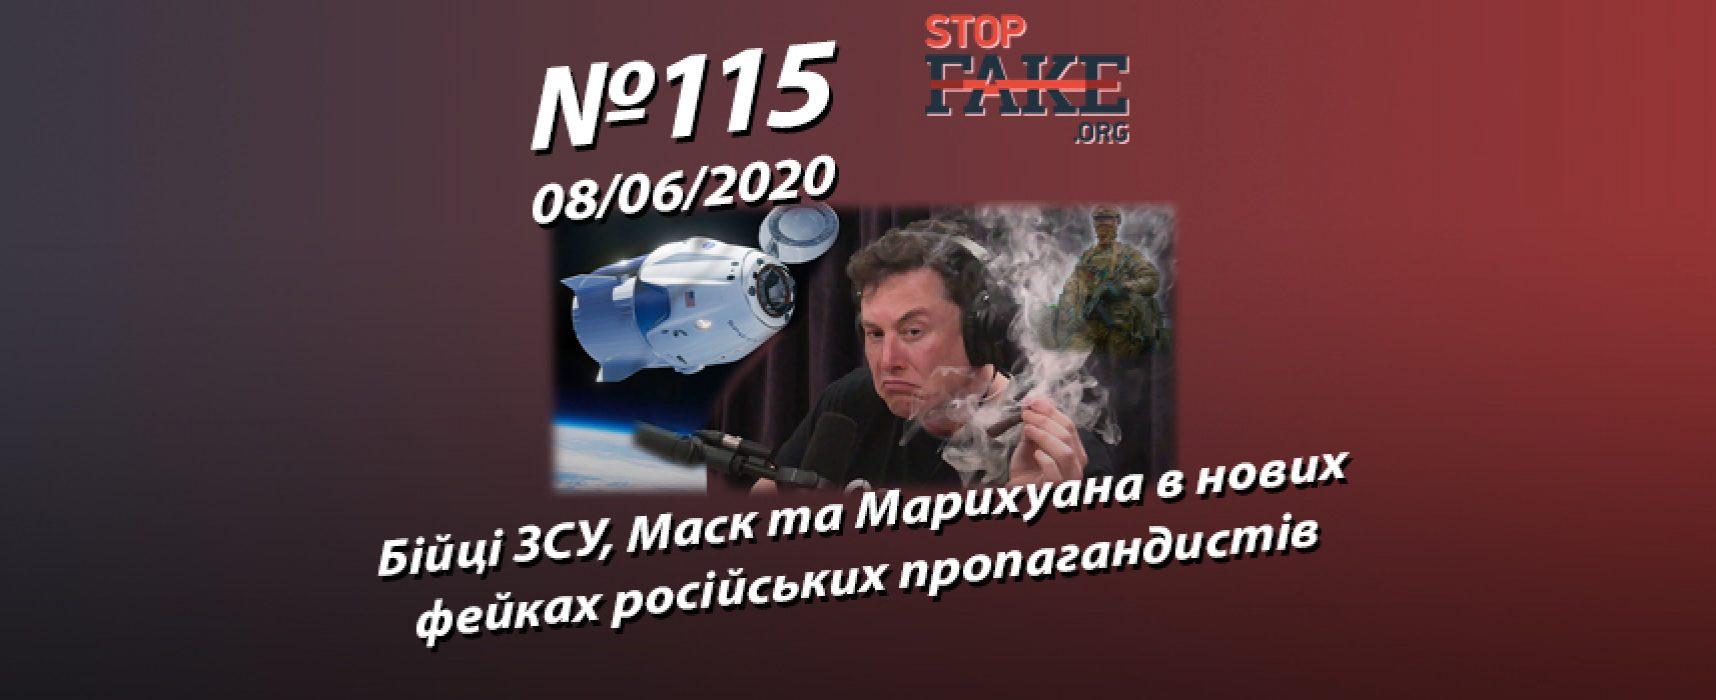 Бійці ЗСУ, Маск та Марихуана в нових фейках російських пропагандистів – StopFake.org